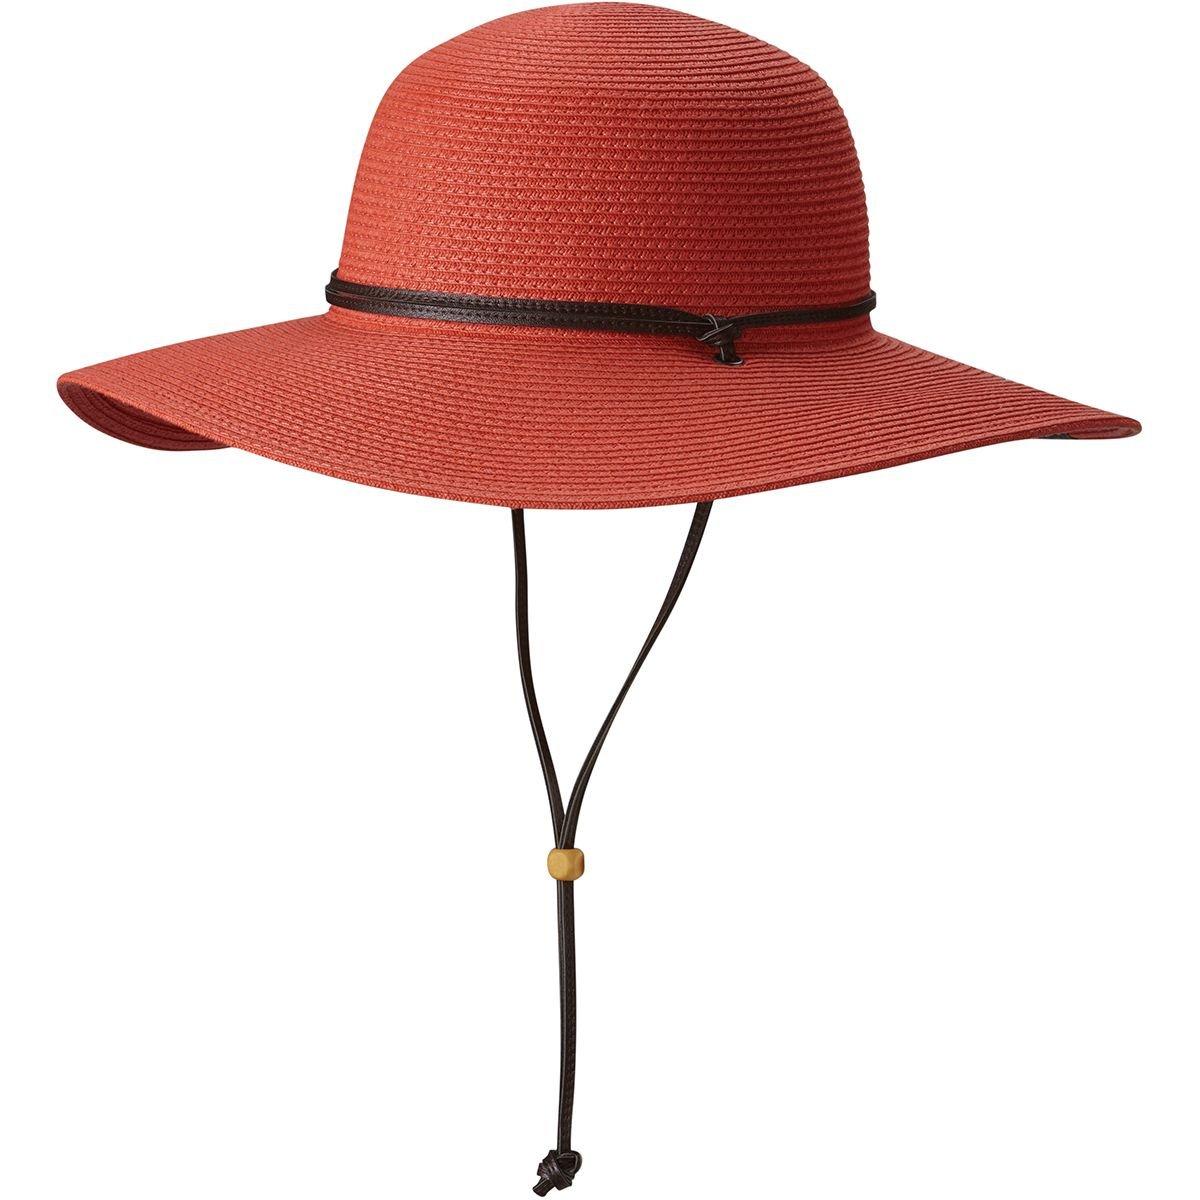 (コロンビア) Columbia Global Adventure Packable Hat - Women'sレディース バックパック リュック Tuscan [並行輸入品] B079FNDWJ9  Small / Medium